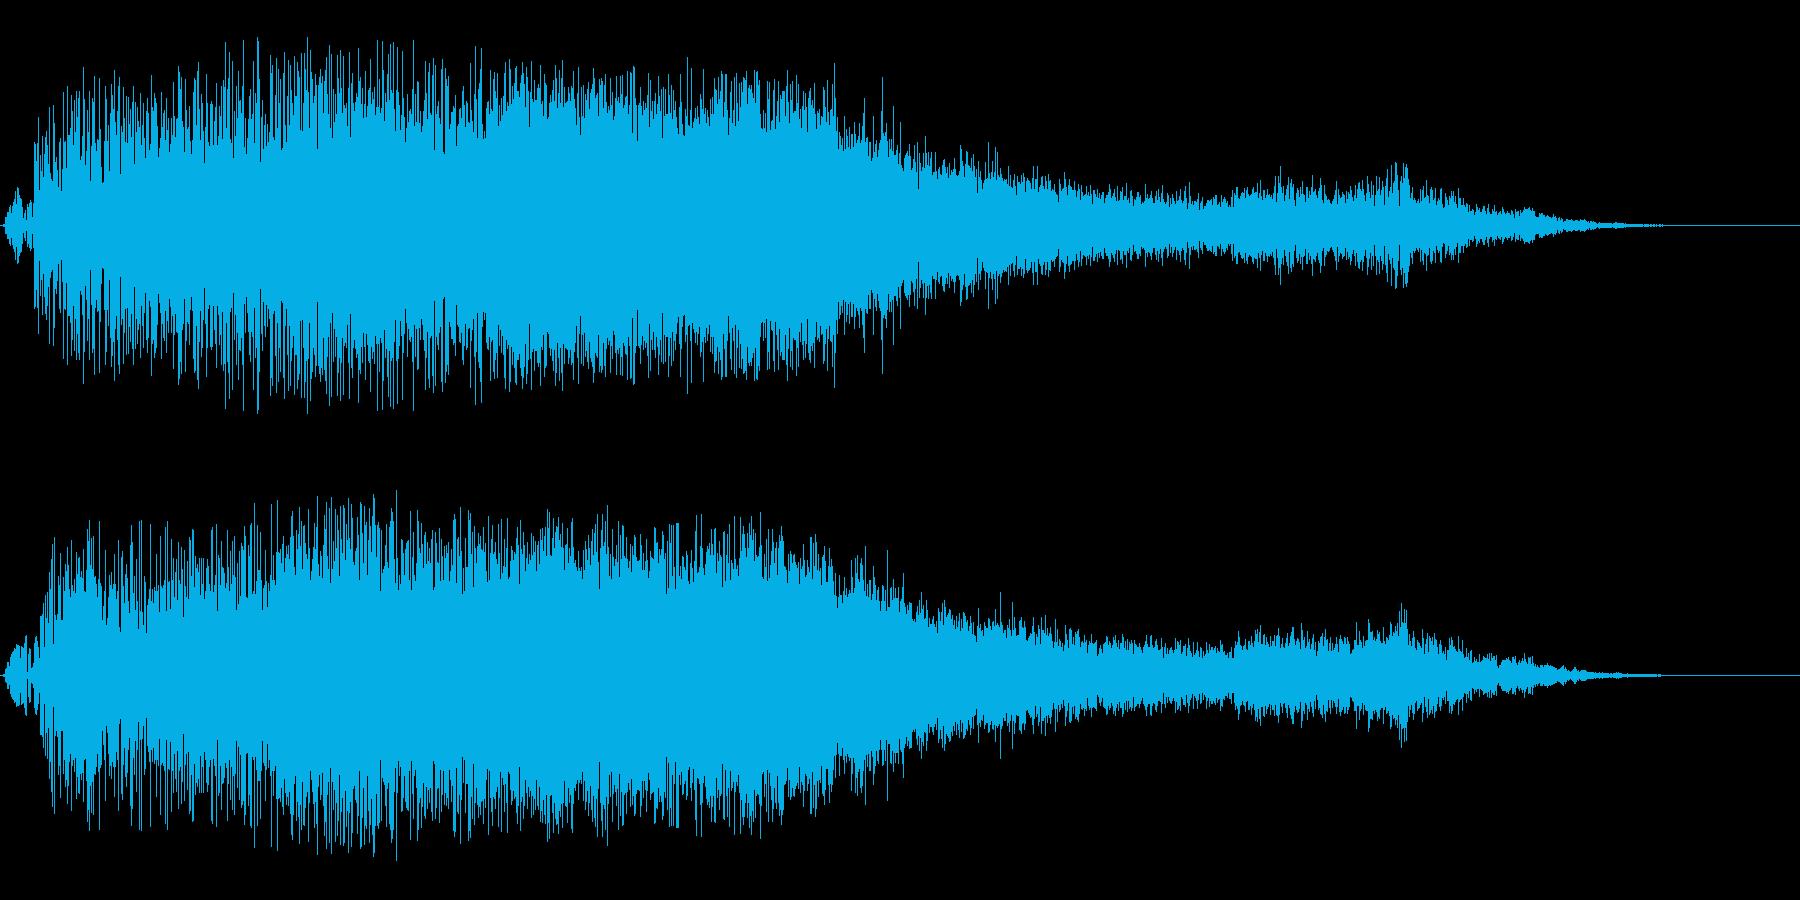 ドゥルドゥルルーン!(派手な魔法音)の再生済みの波形